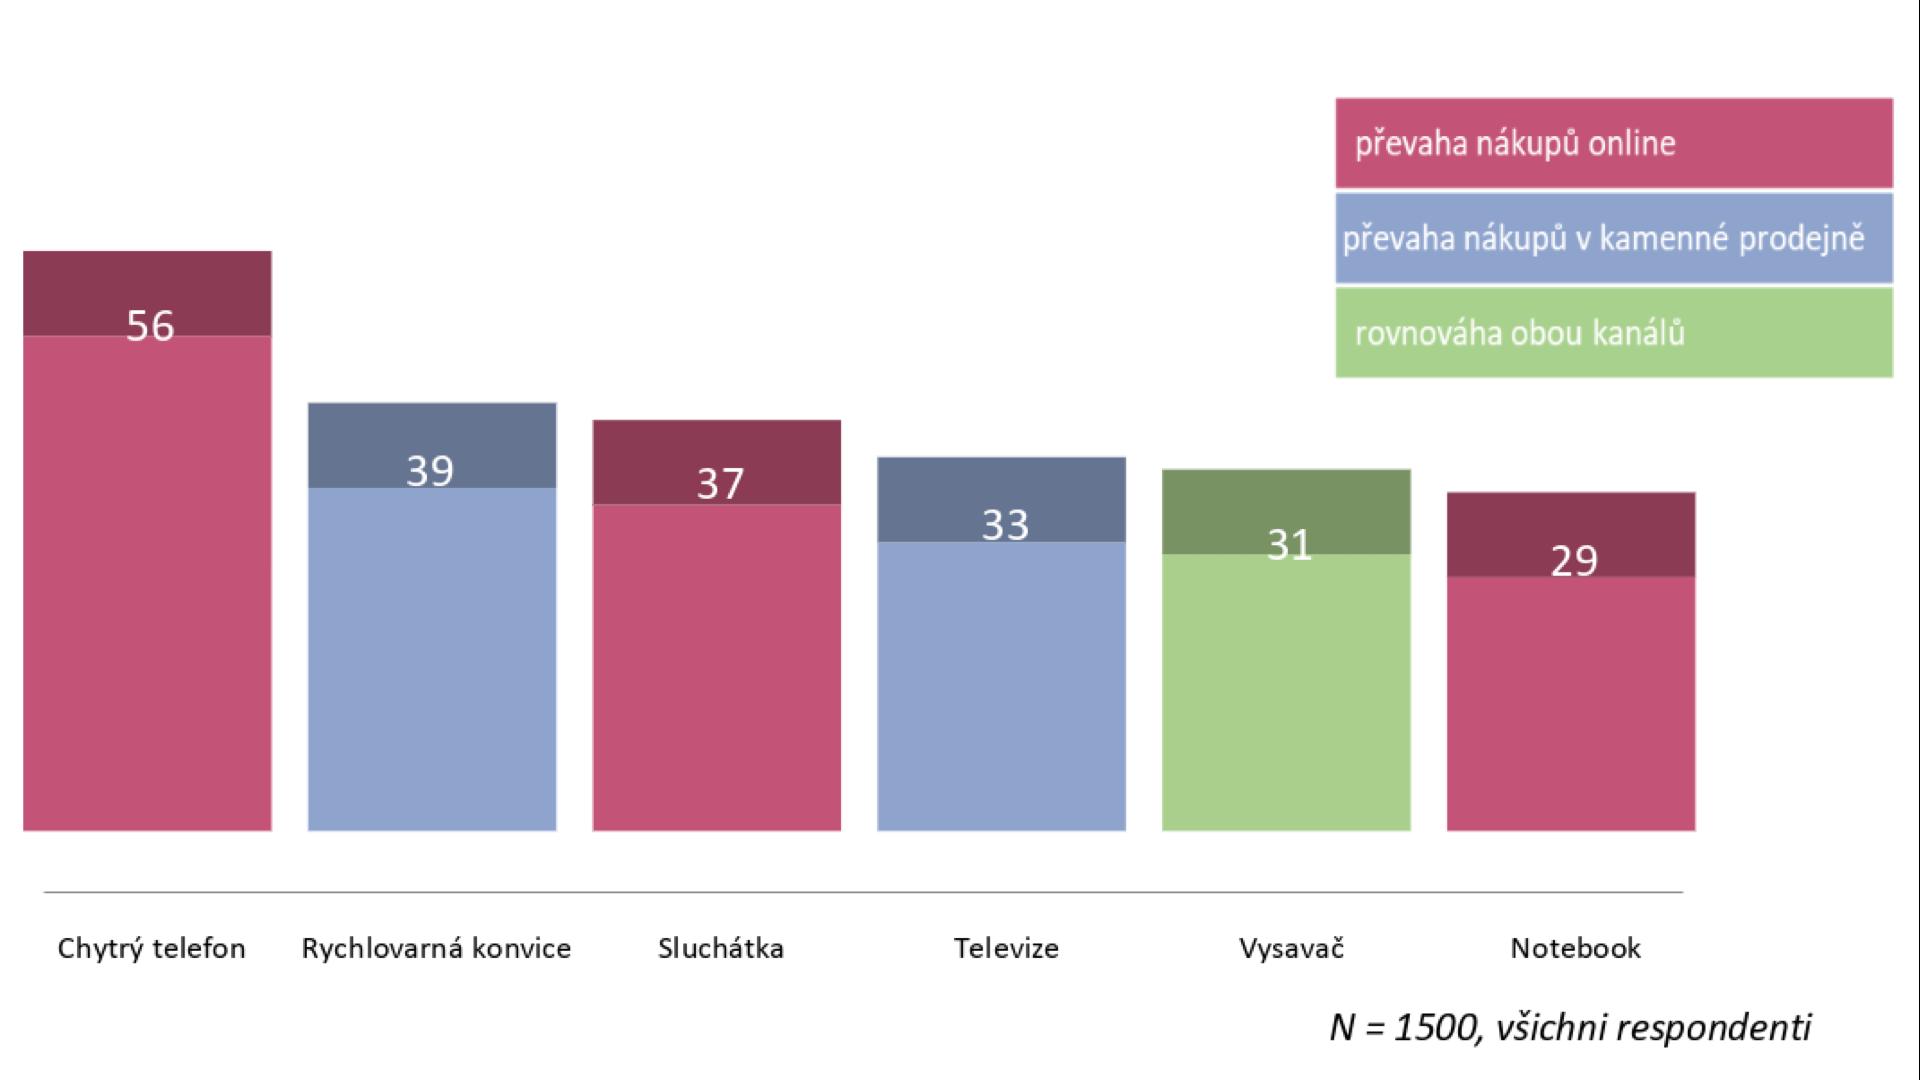 Jaké výrobky zelektrosortimentu si vuplynulých 2 letech koupilo nejvíce Čechů?